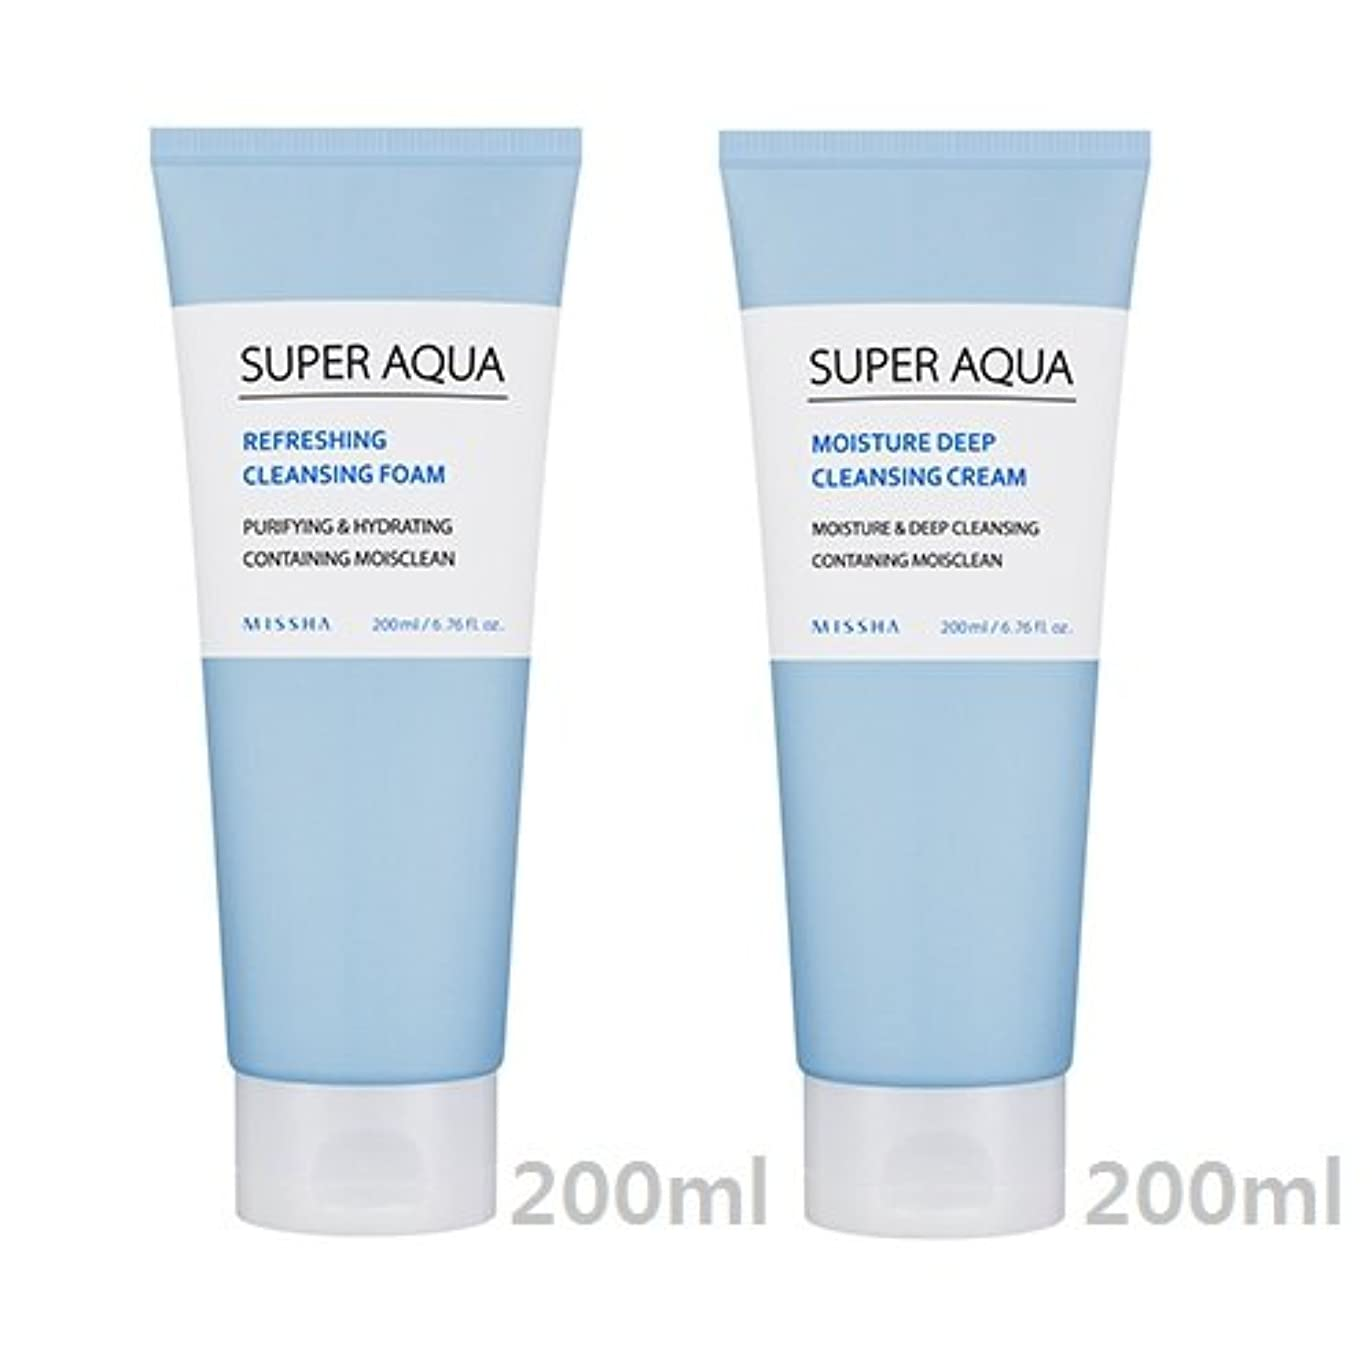 野生問い合わせ問い合わせ[1+1] MISSHA Super Aqua Cleansing Cream + Foam/ミシャ スーパー アクア クレンジング クリーム + フォーム [並行輸入品]